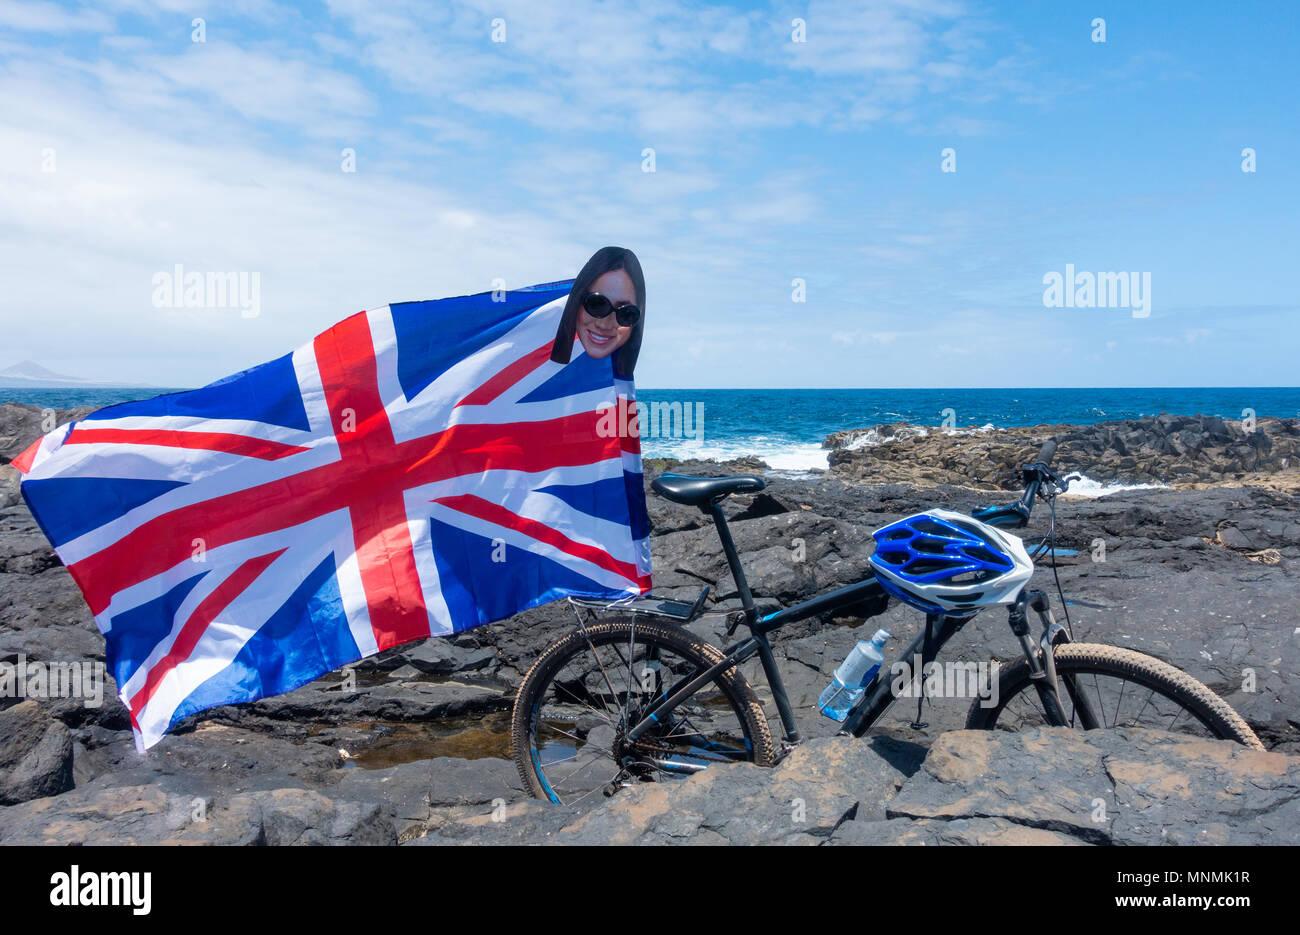 Mayo Las 18 CanariasEspaña Palmas Gran CanariaIslas De q4jR3AL5